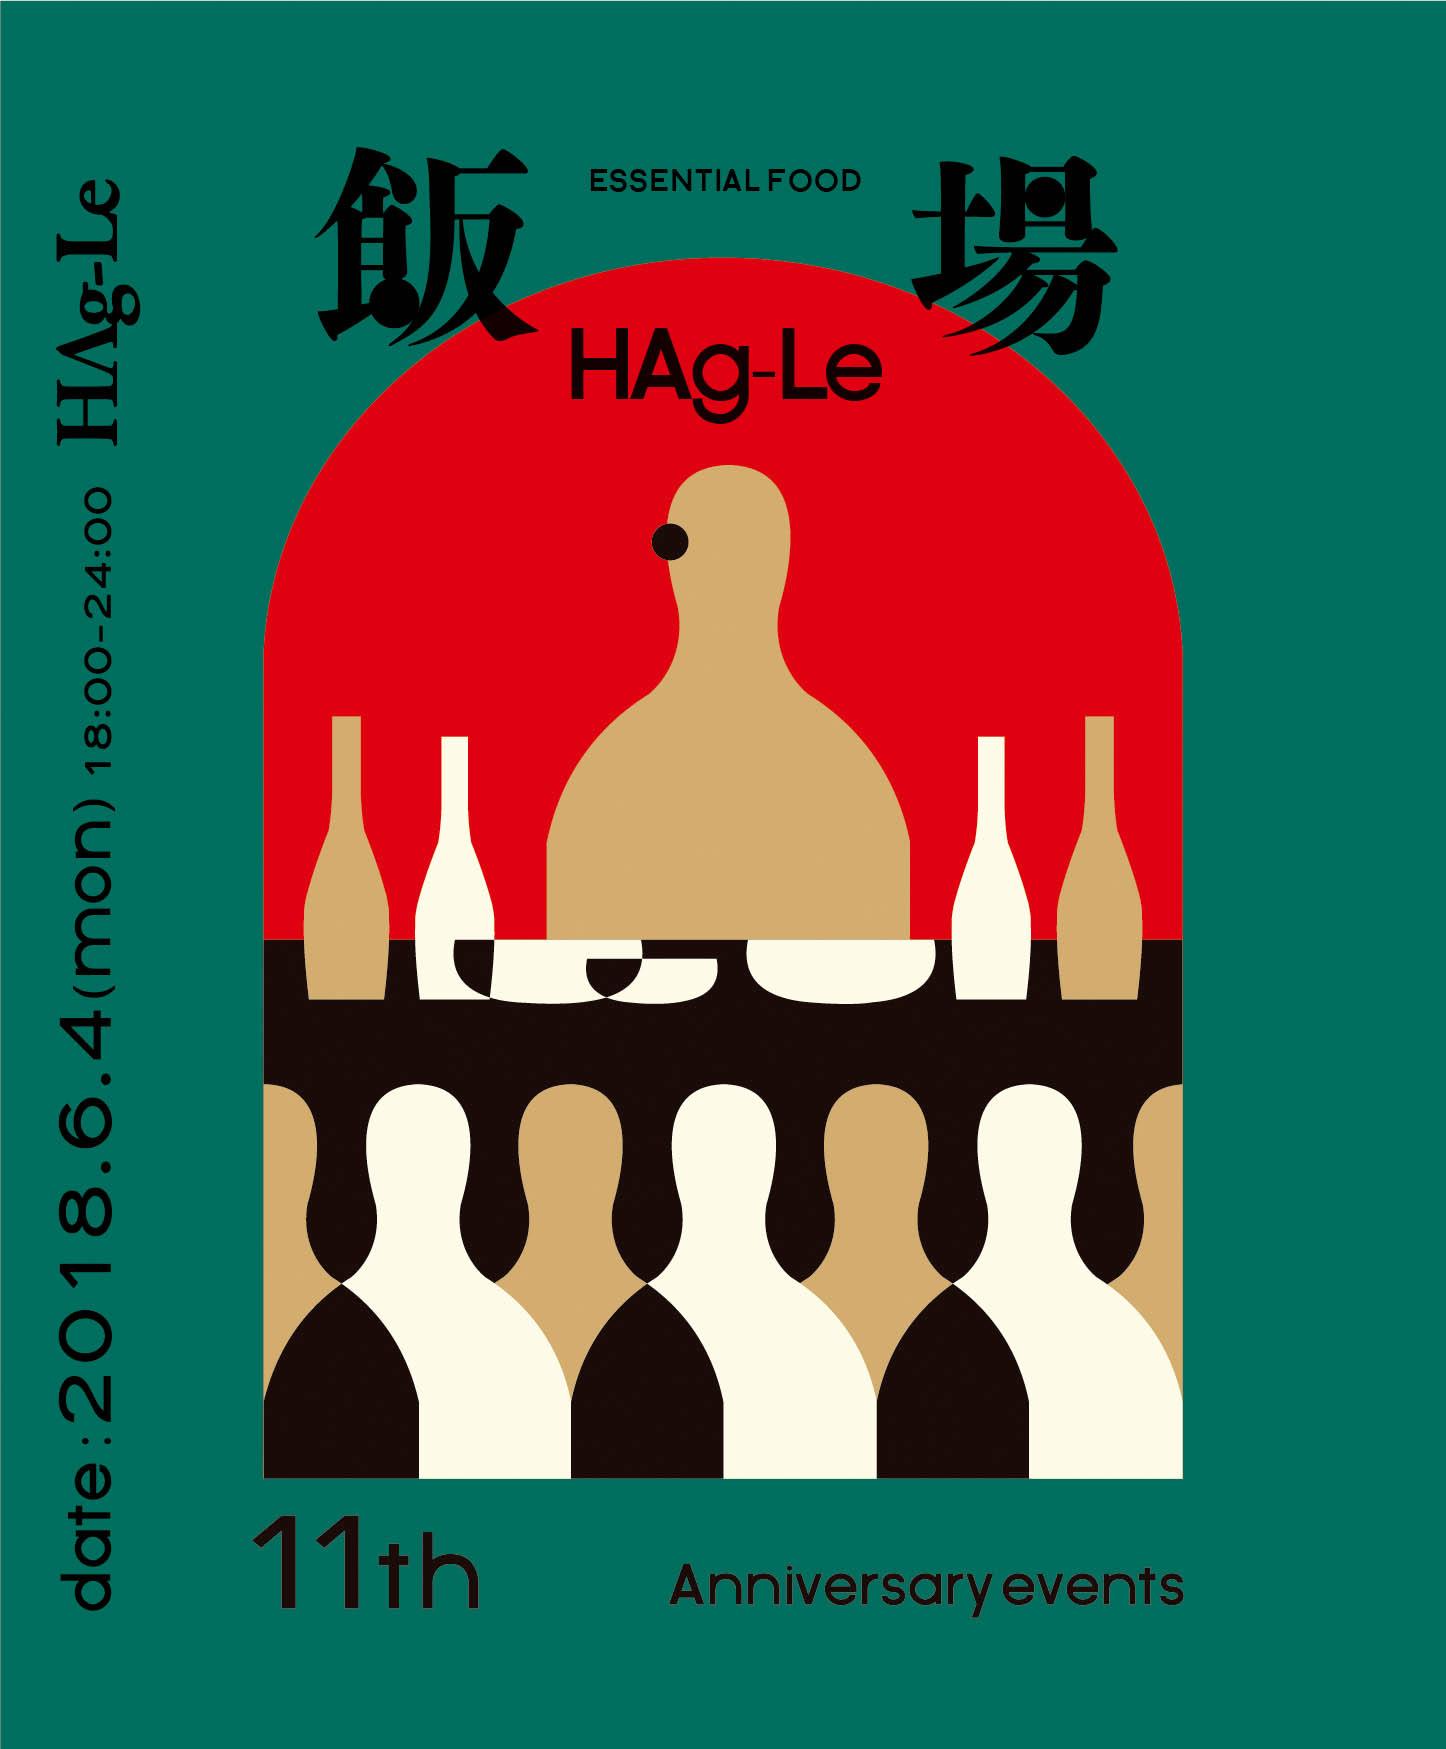 hag-le_SNS-01